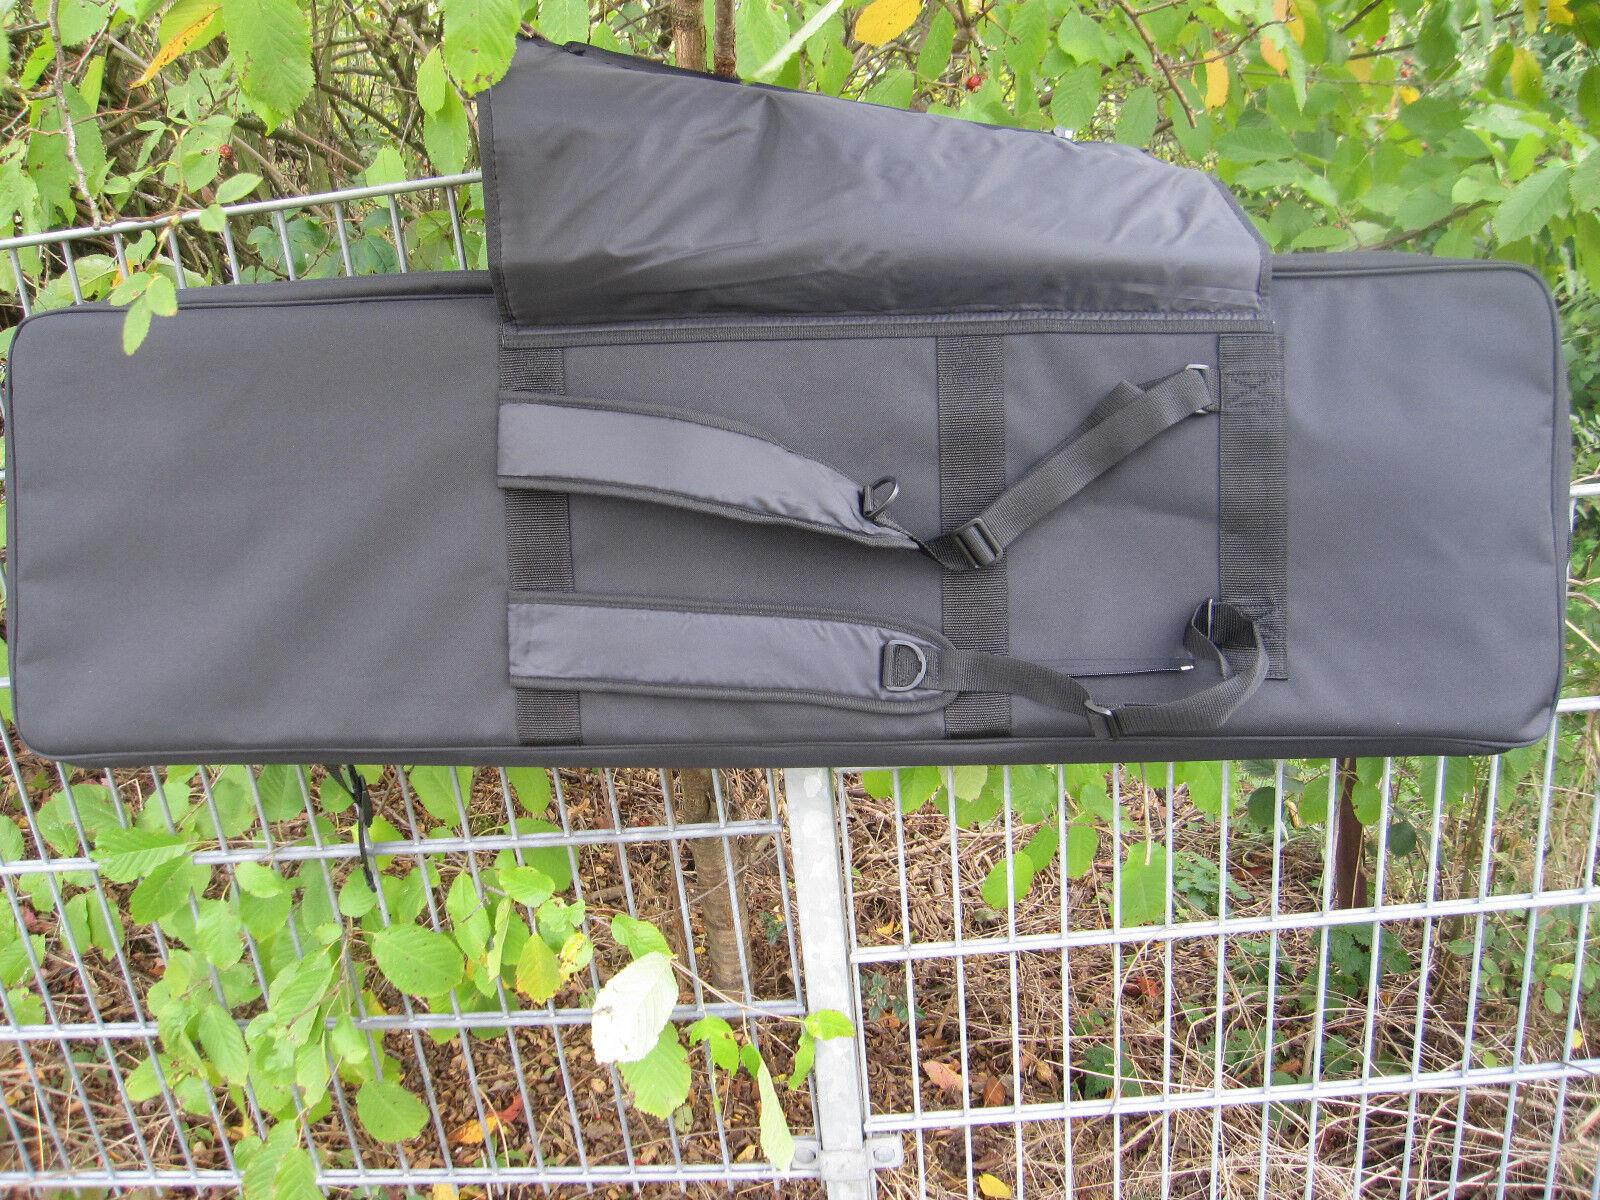 Franzen Schiessmatte Waffentasche Gewehrfutteral Waffenkoffer Gewehrtasche Gewehrfutteral Waffentasche 3aa765